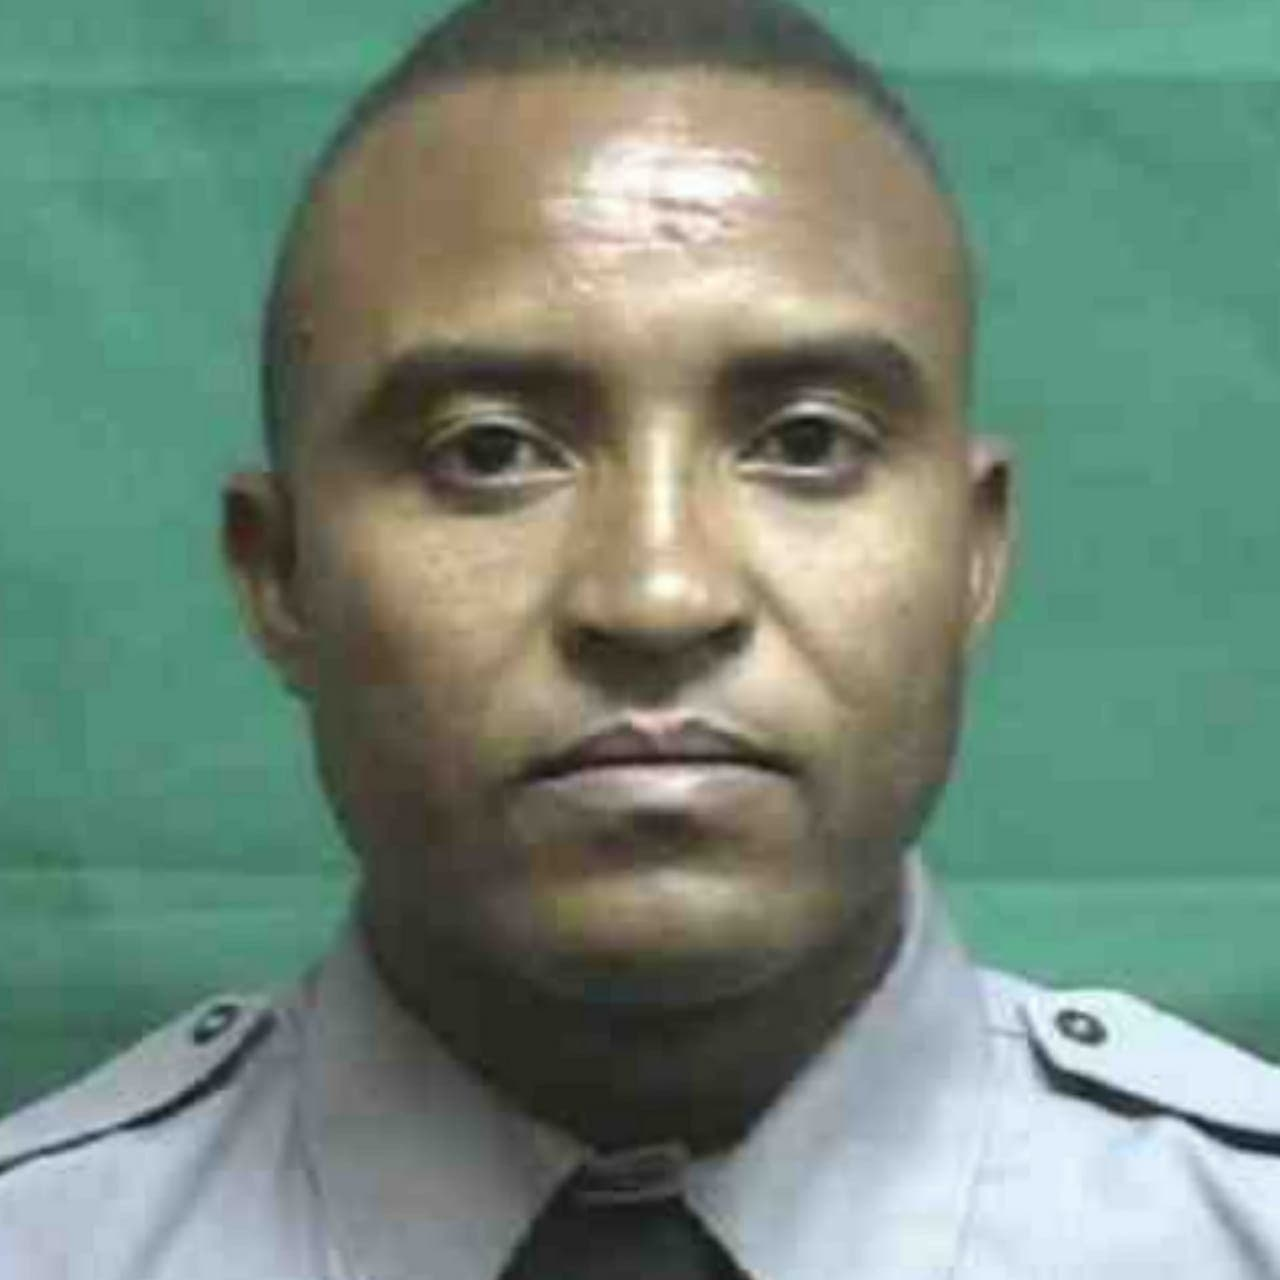 El capitán R. Montero D Oleo fue baleado por desconocidos, que penetraron en horas de la noche en su negocio.